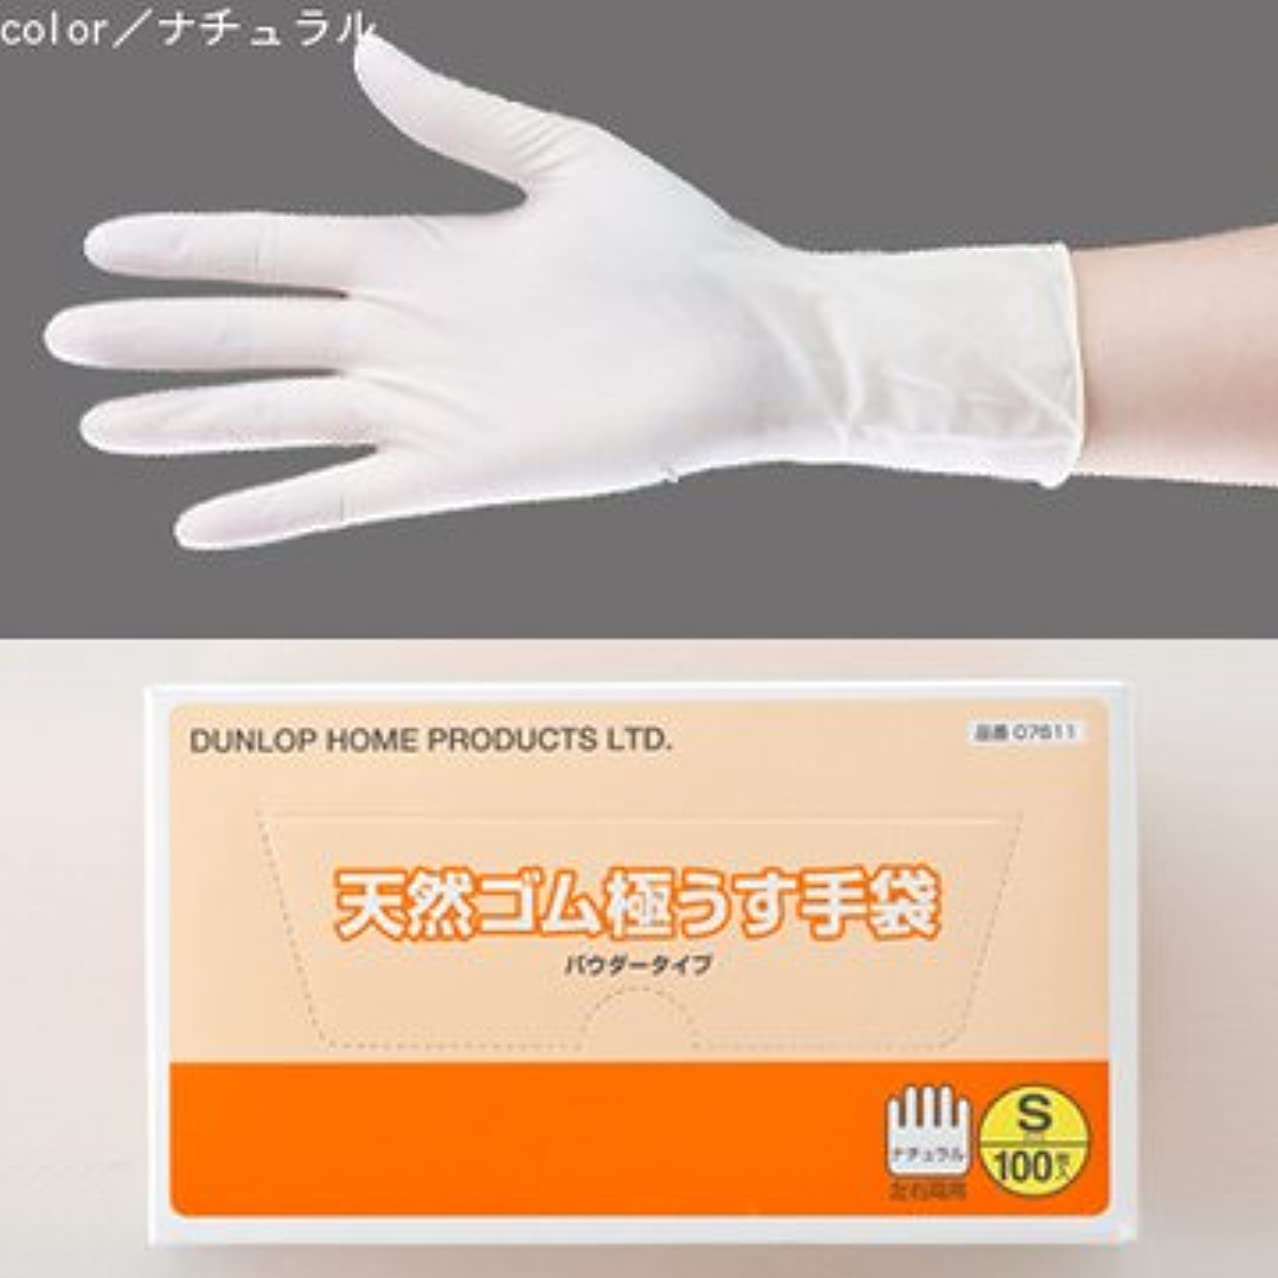 北学ぶ忠実に天然ゴム極うす手袋 ナチュラルカラー 100枚入 (M)